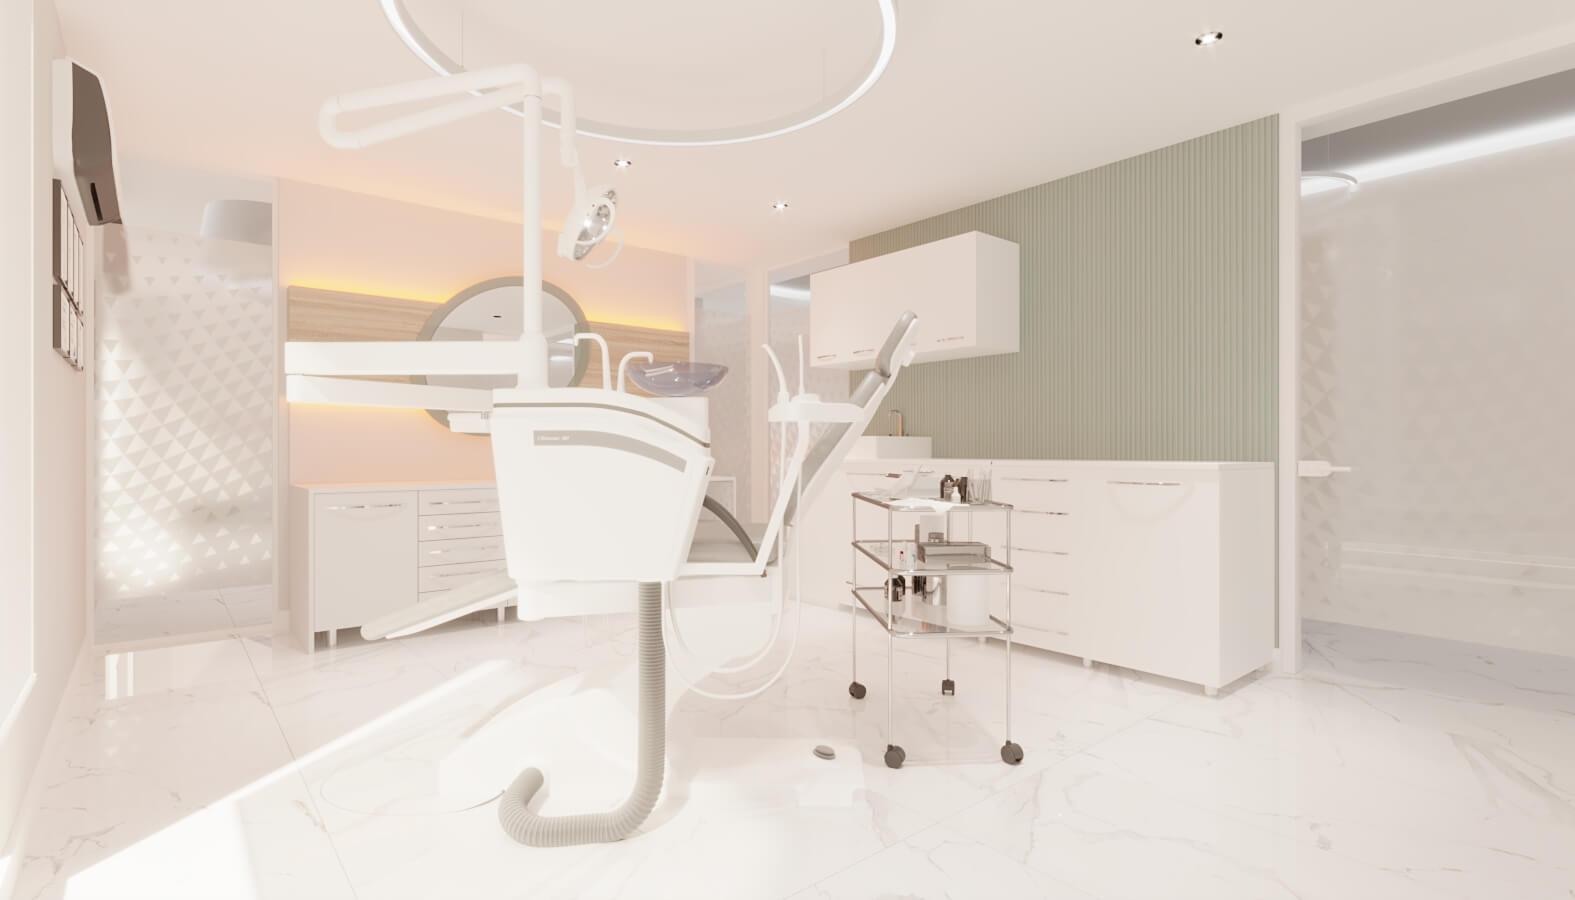 Ümitköy 4559 Ankara Dental Clinic Design Healthcare